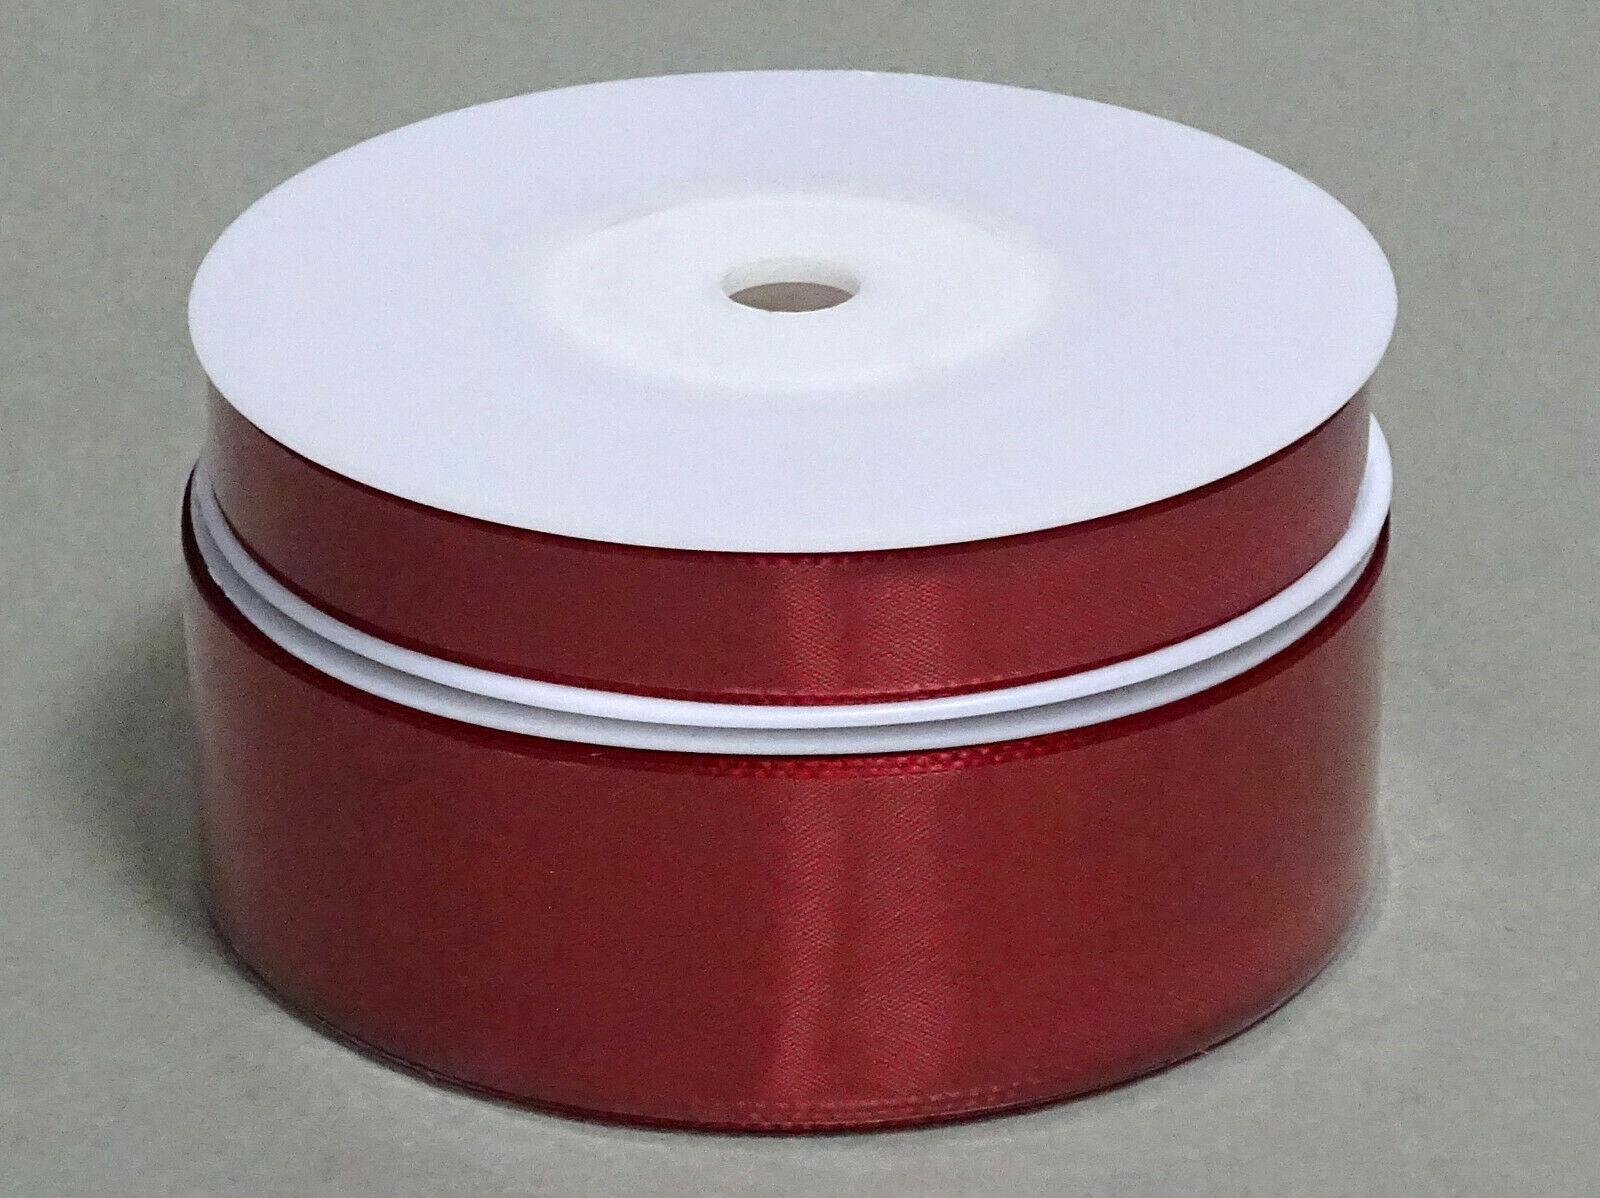 Seidenband Schleifenband 50 m x 15 / 25 / 40mm Dekoband ab 0,08€/m Geschenkband  - Bordeaux 124, 25 mm x 50 m